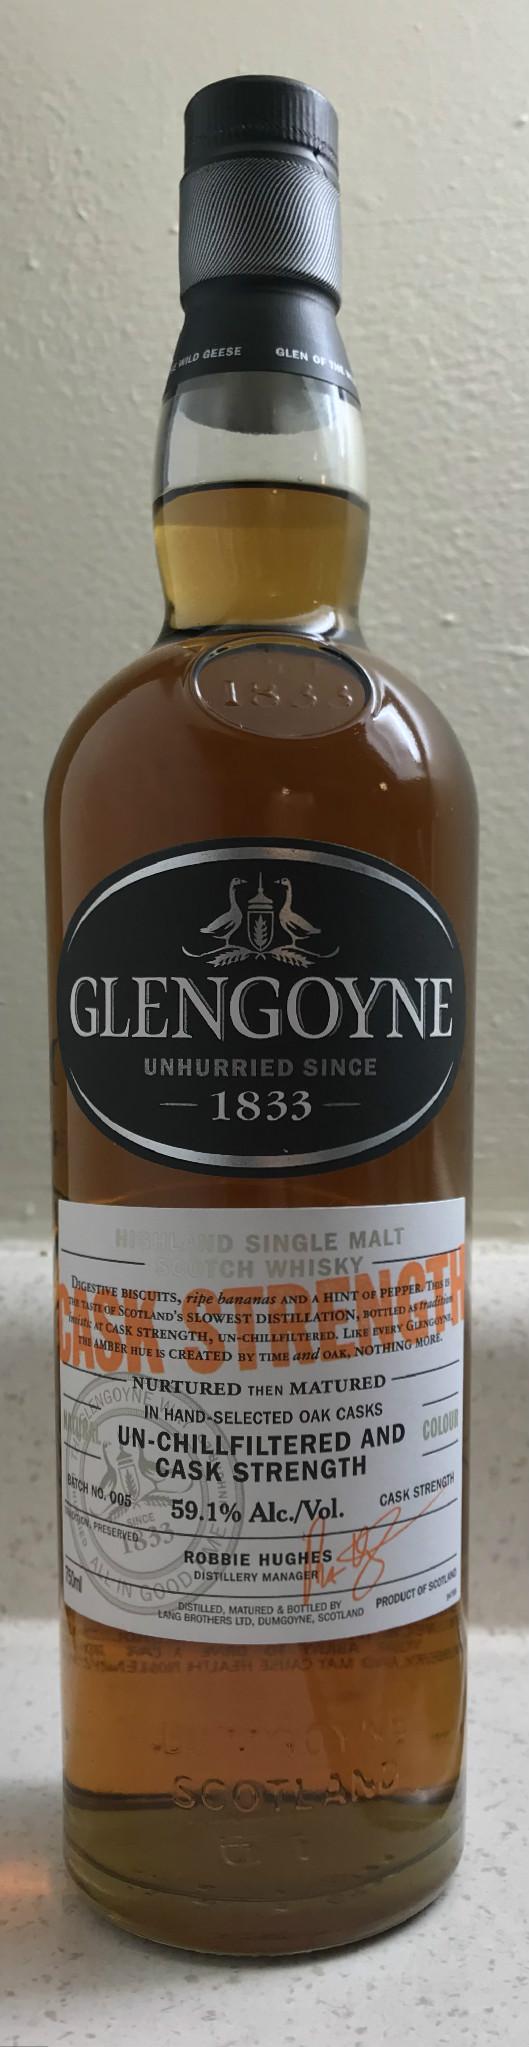 glengoyne-cs-005.jpg